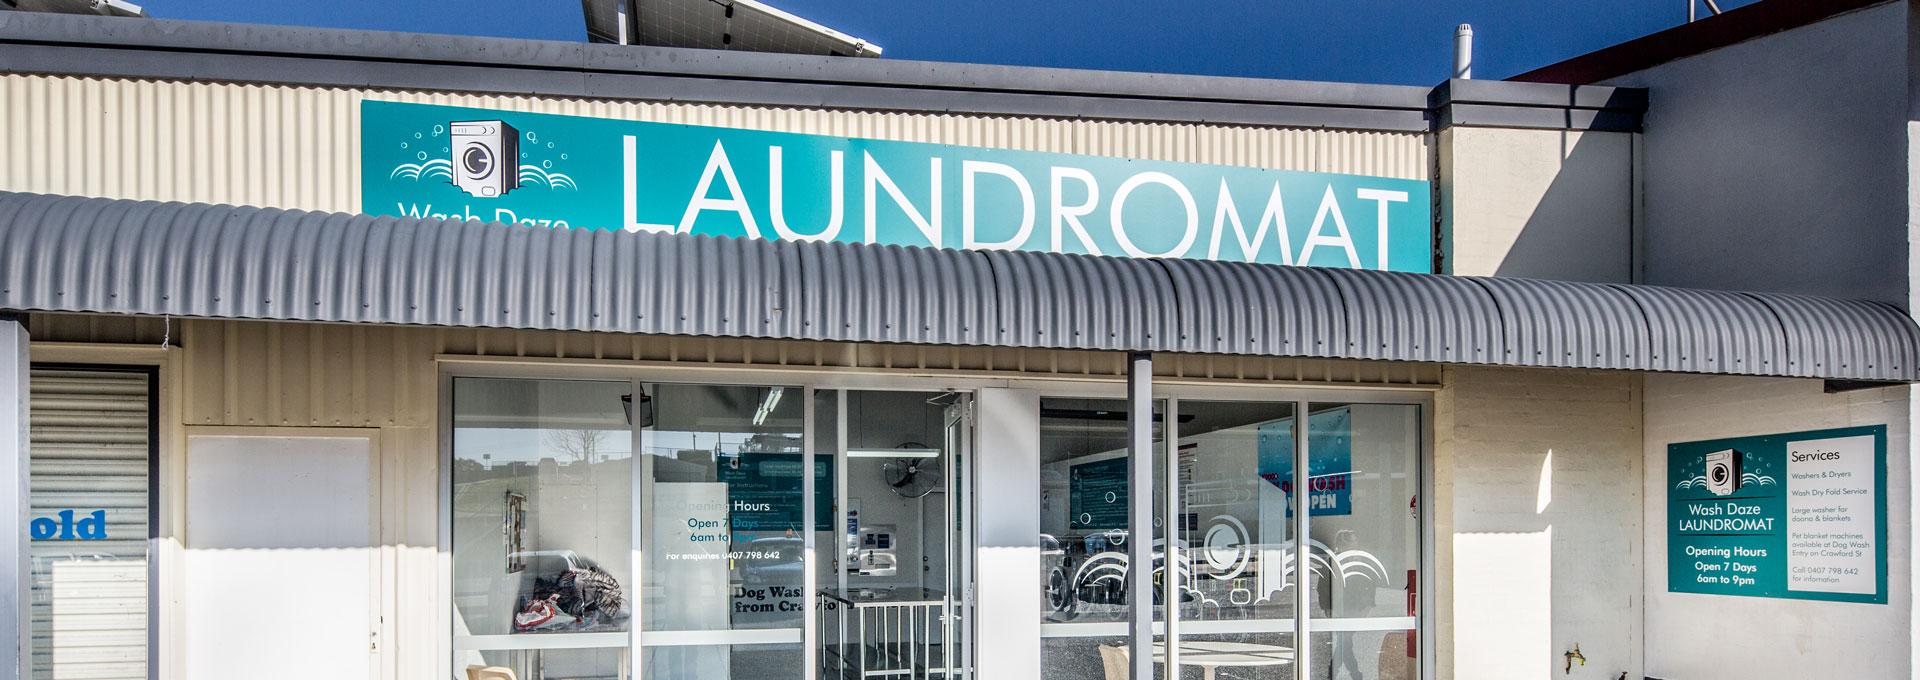 Wash Daze Laundromat